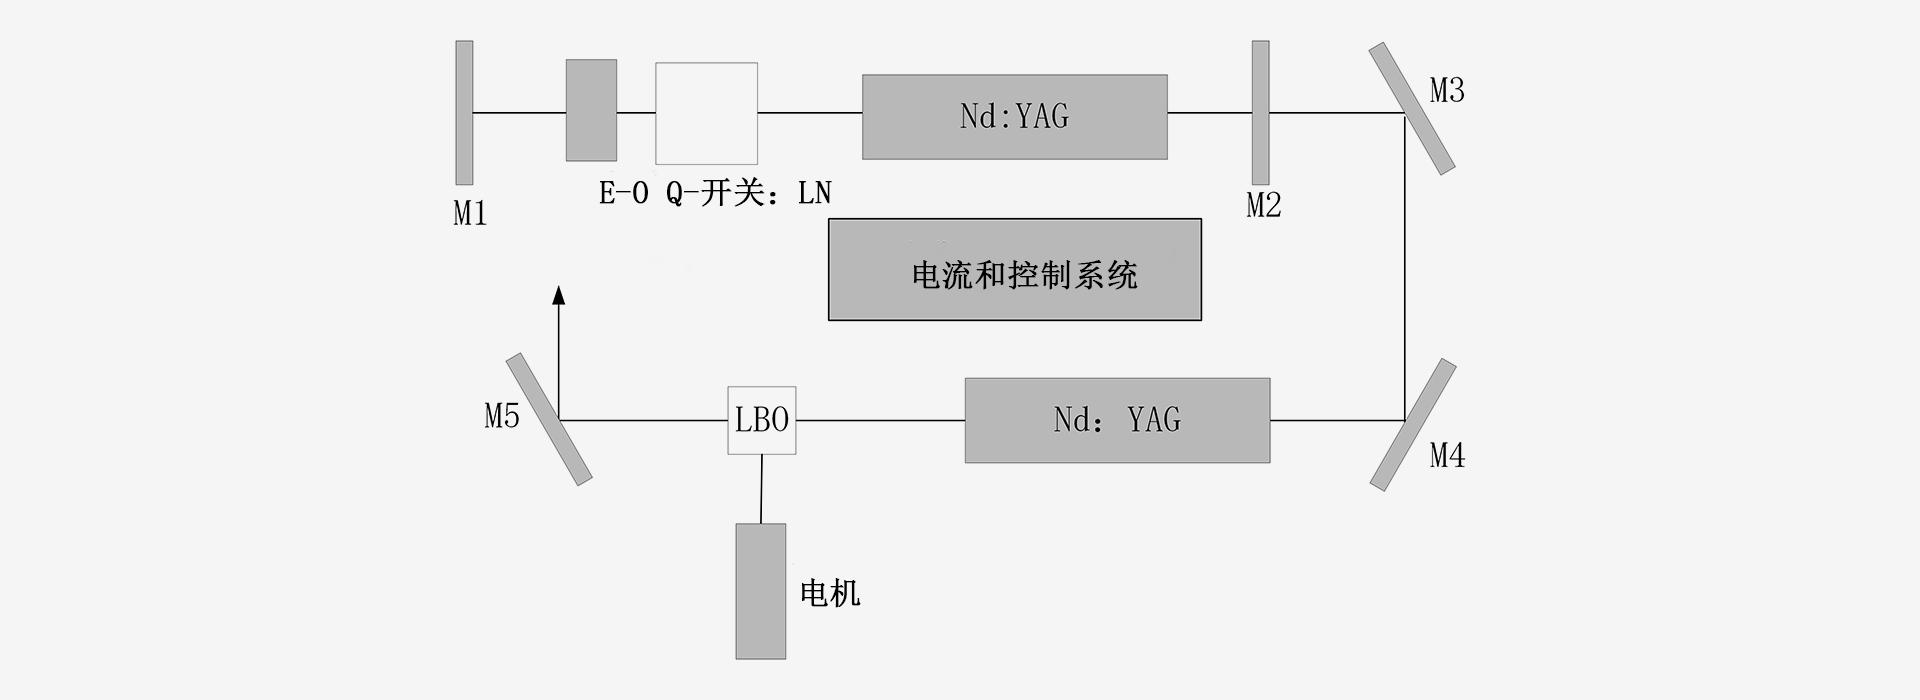 双波长 (1064nm 532nm)-激光器原理图-南京光宝-CRYLINK -原理图